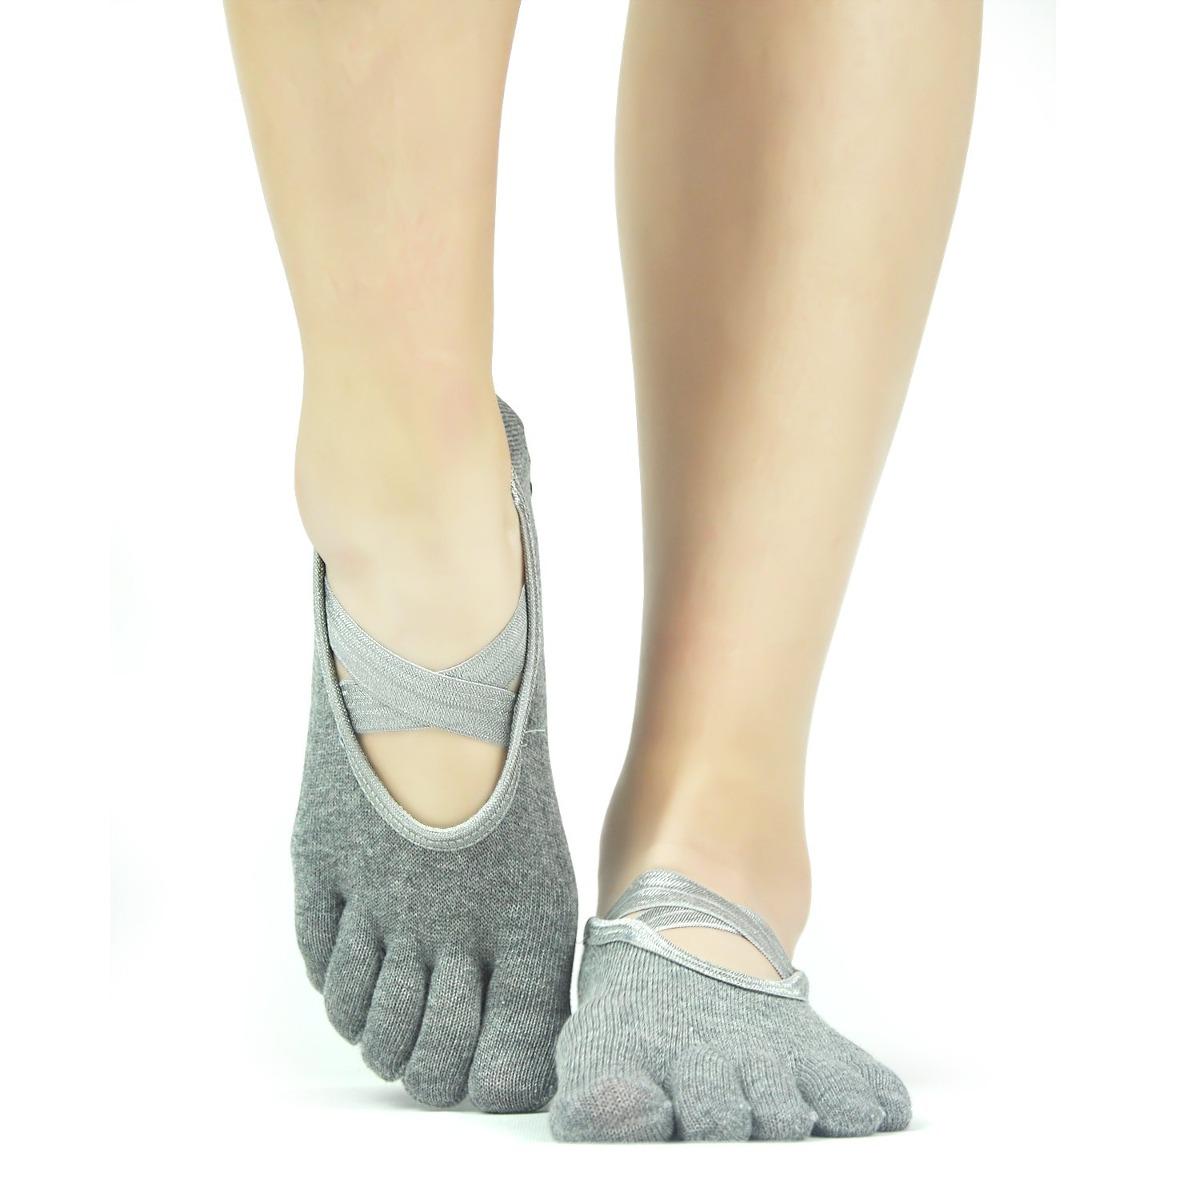 Calcetines De Yoga 5 Dedos De Los Pies Elutong 3 Paquetes - S/ 226 ...